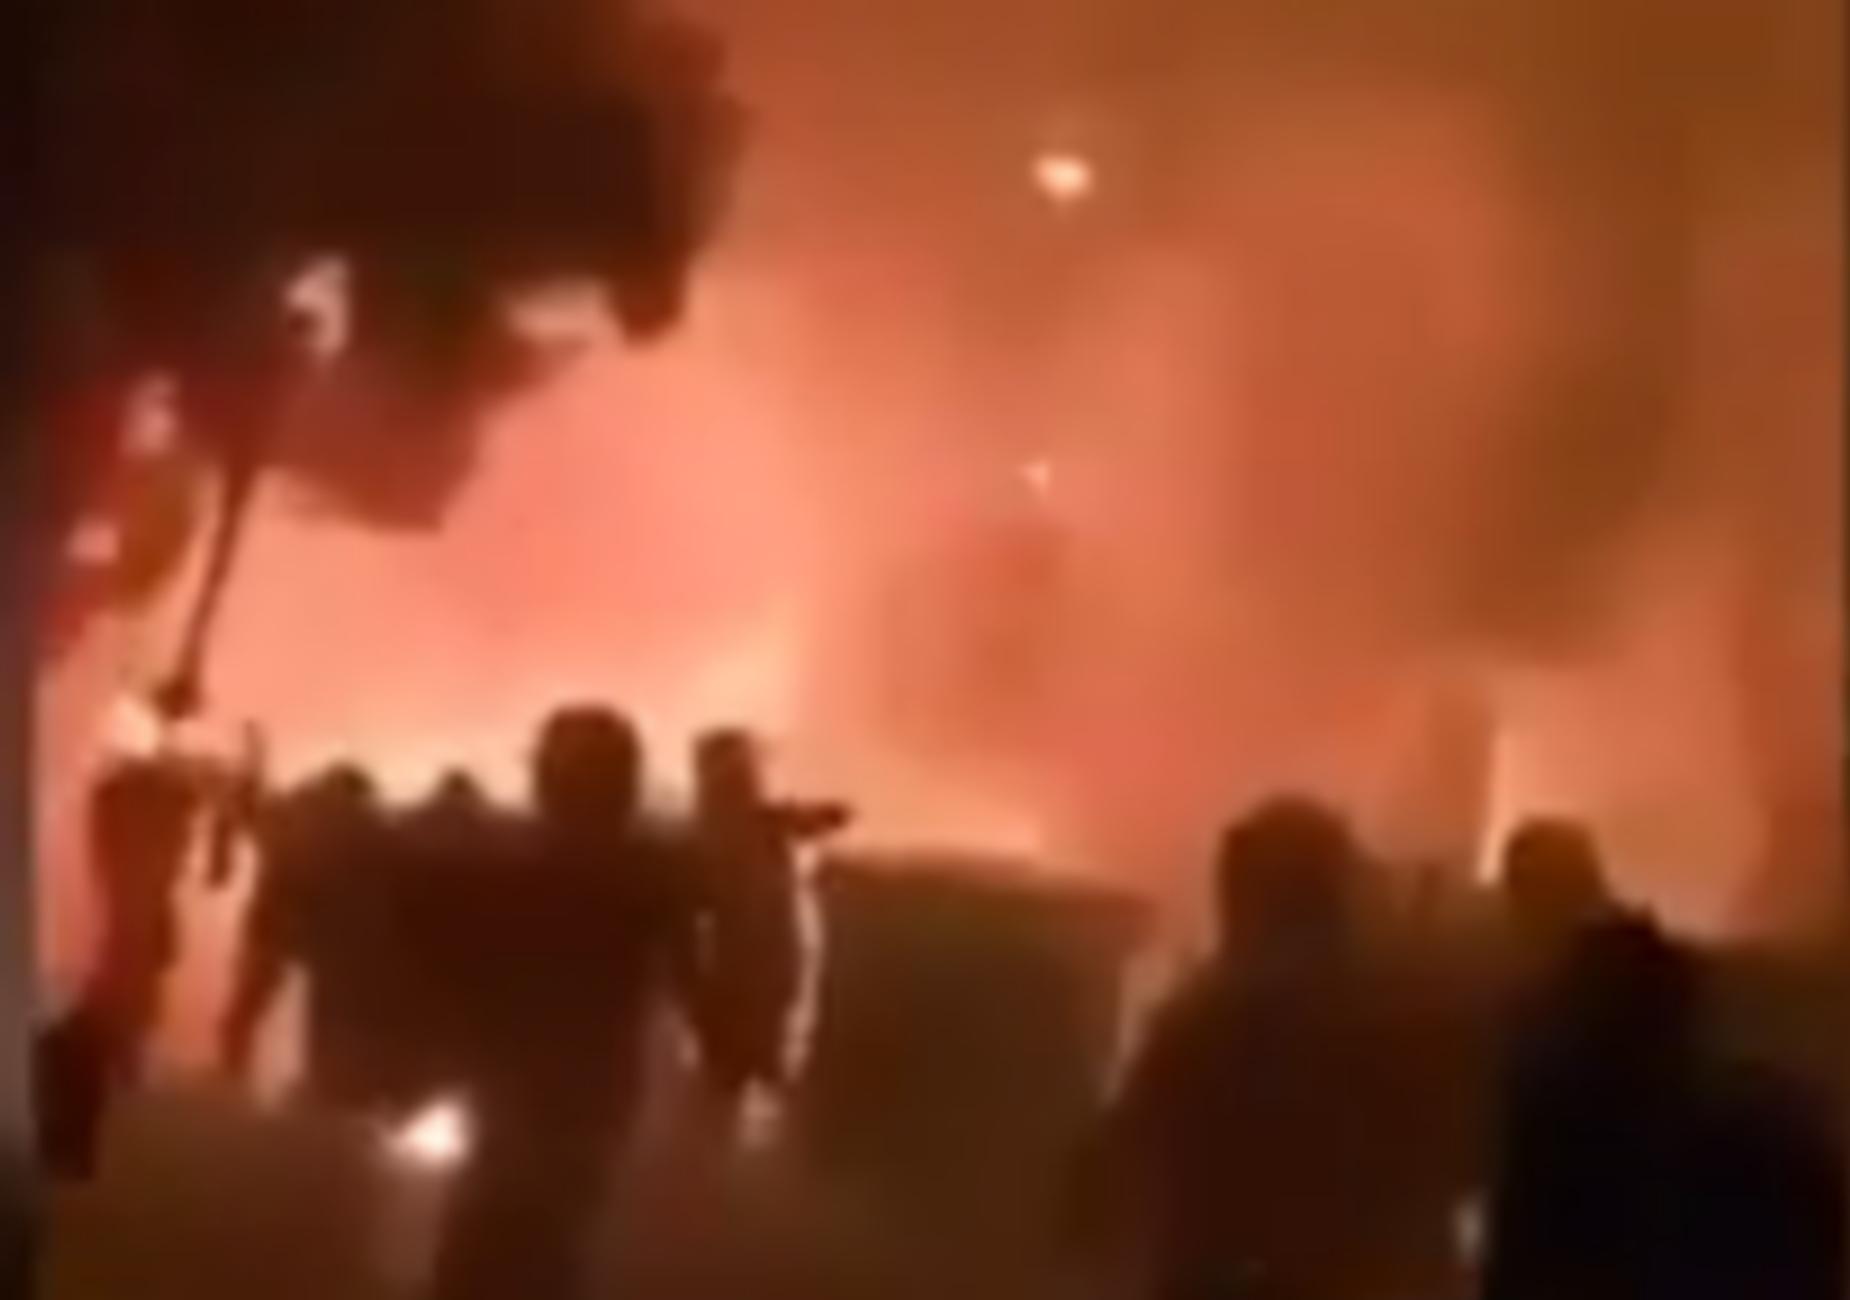 """Ολυμπιακός – Παναθηναϊκός: Σκηνές πολέμου στην Αθήνα! """"Κάψτε τους ρε"""" – video"""